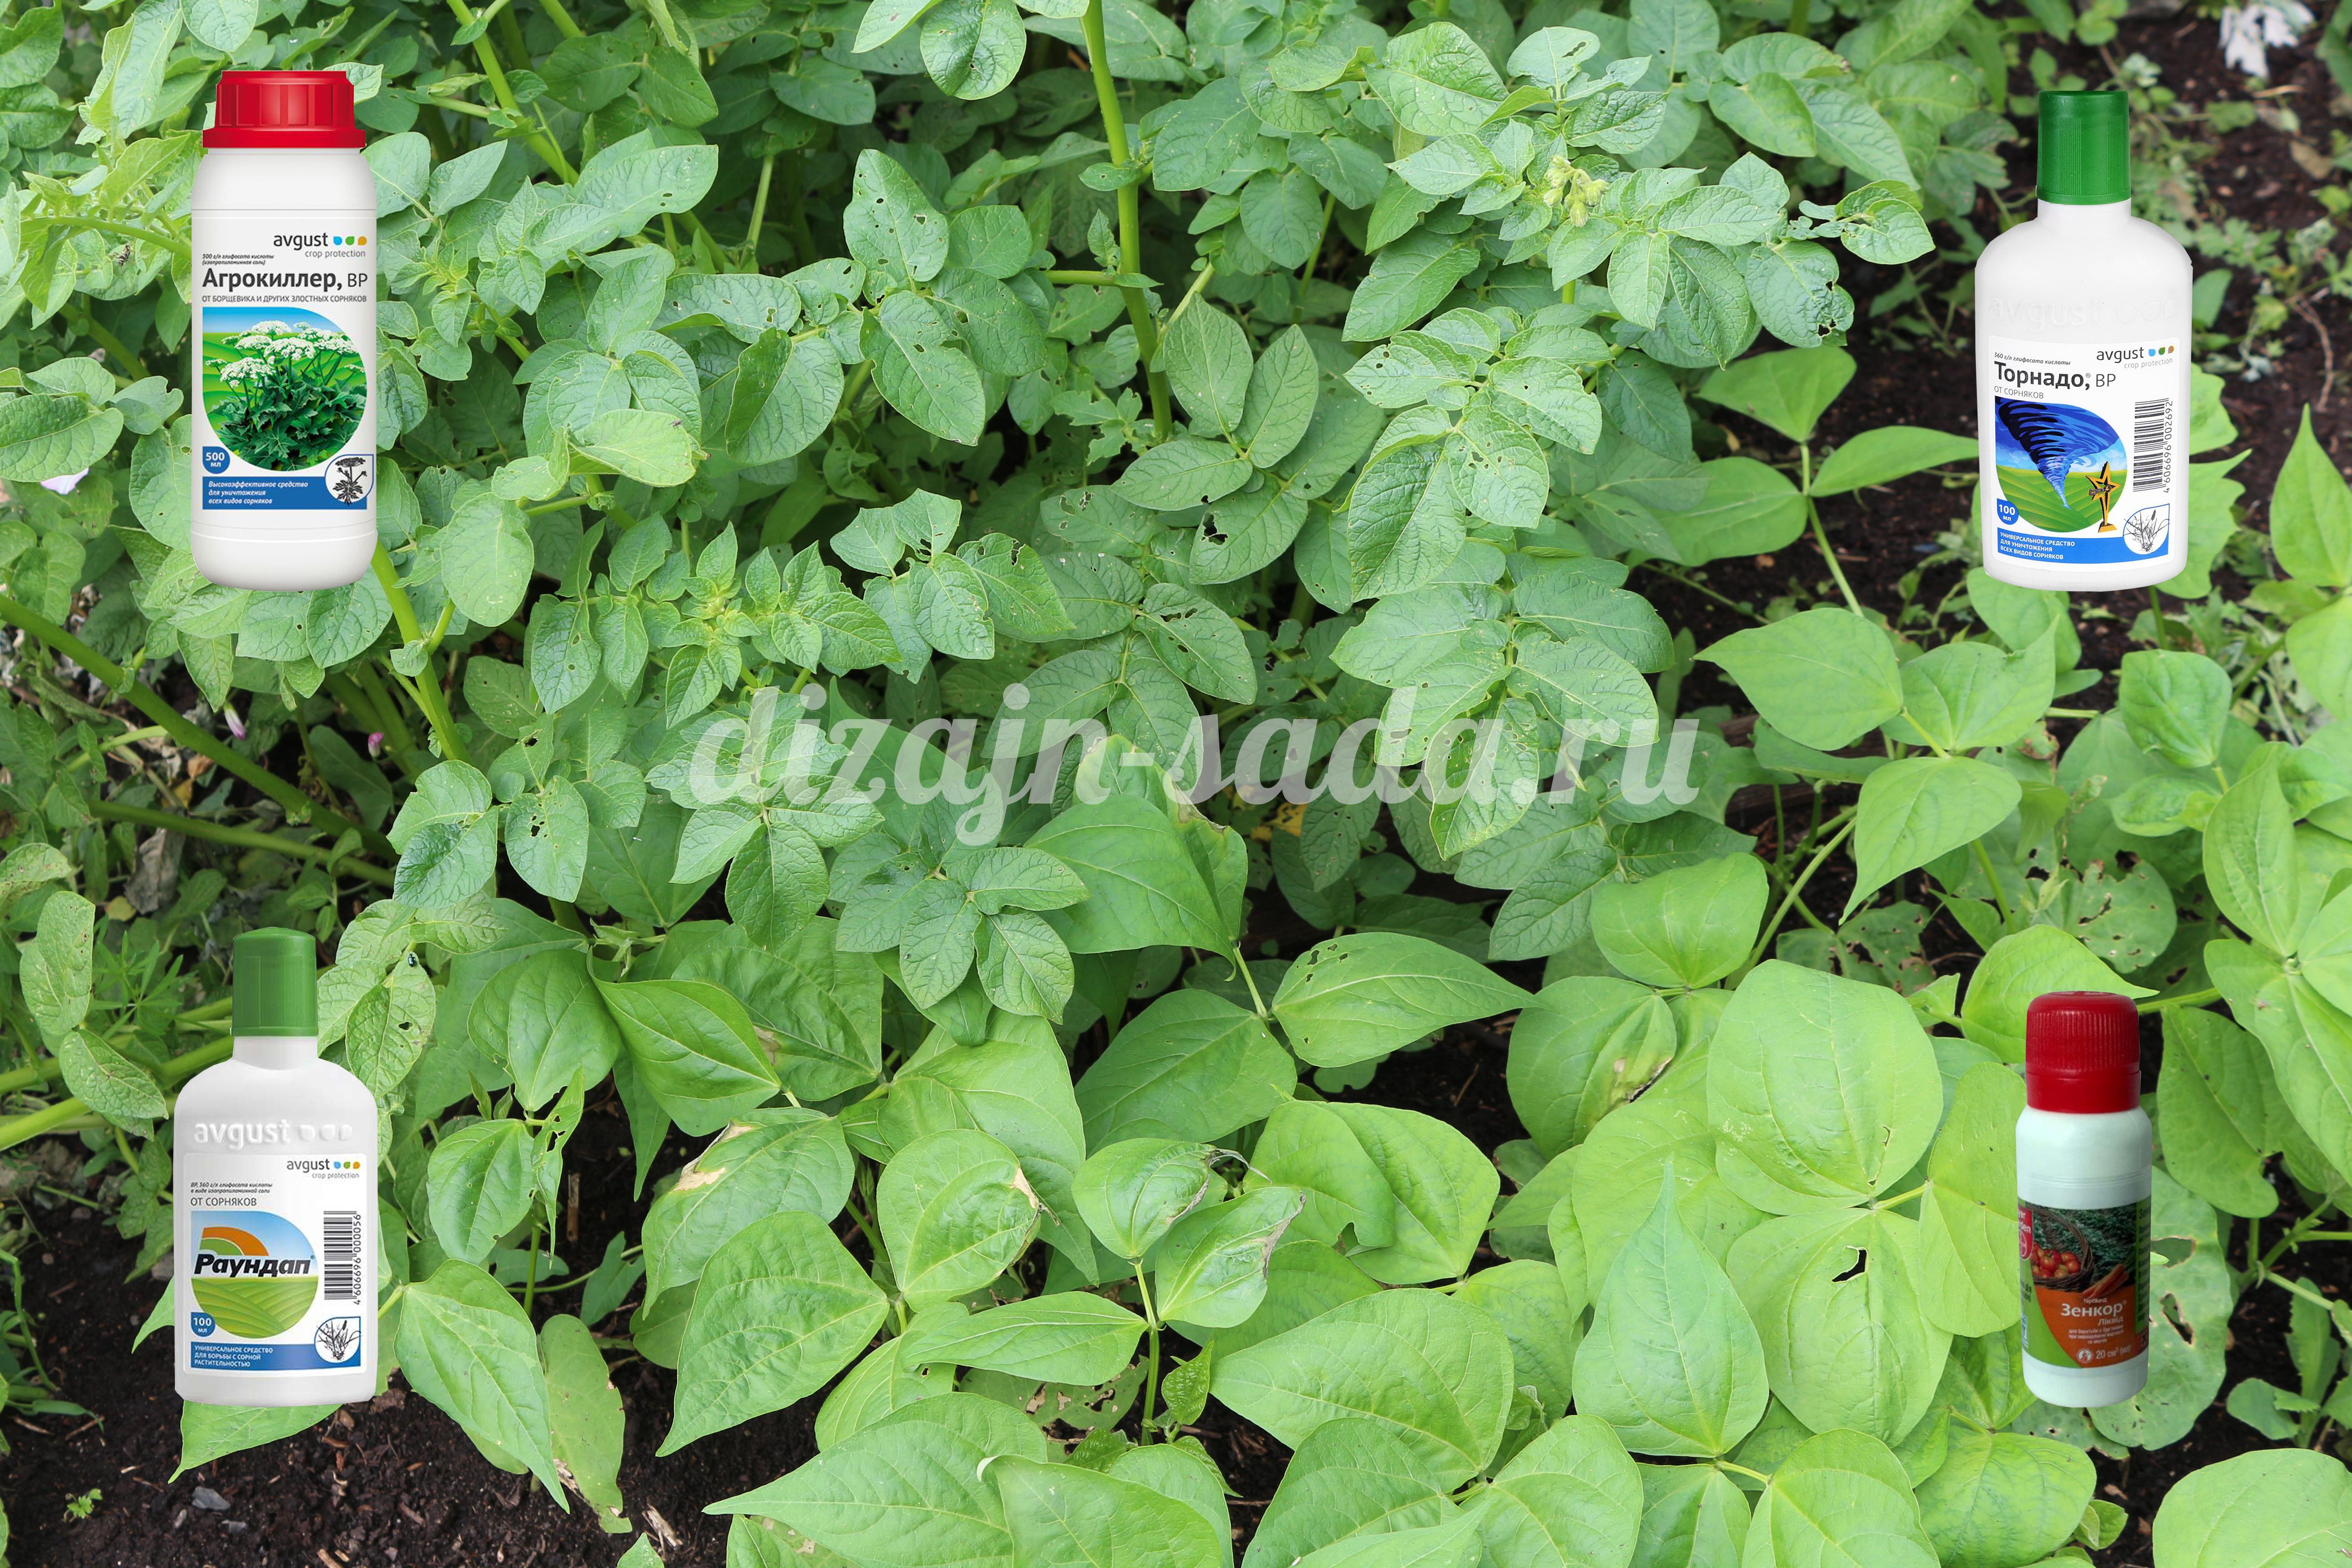 гербициды описание отзывы